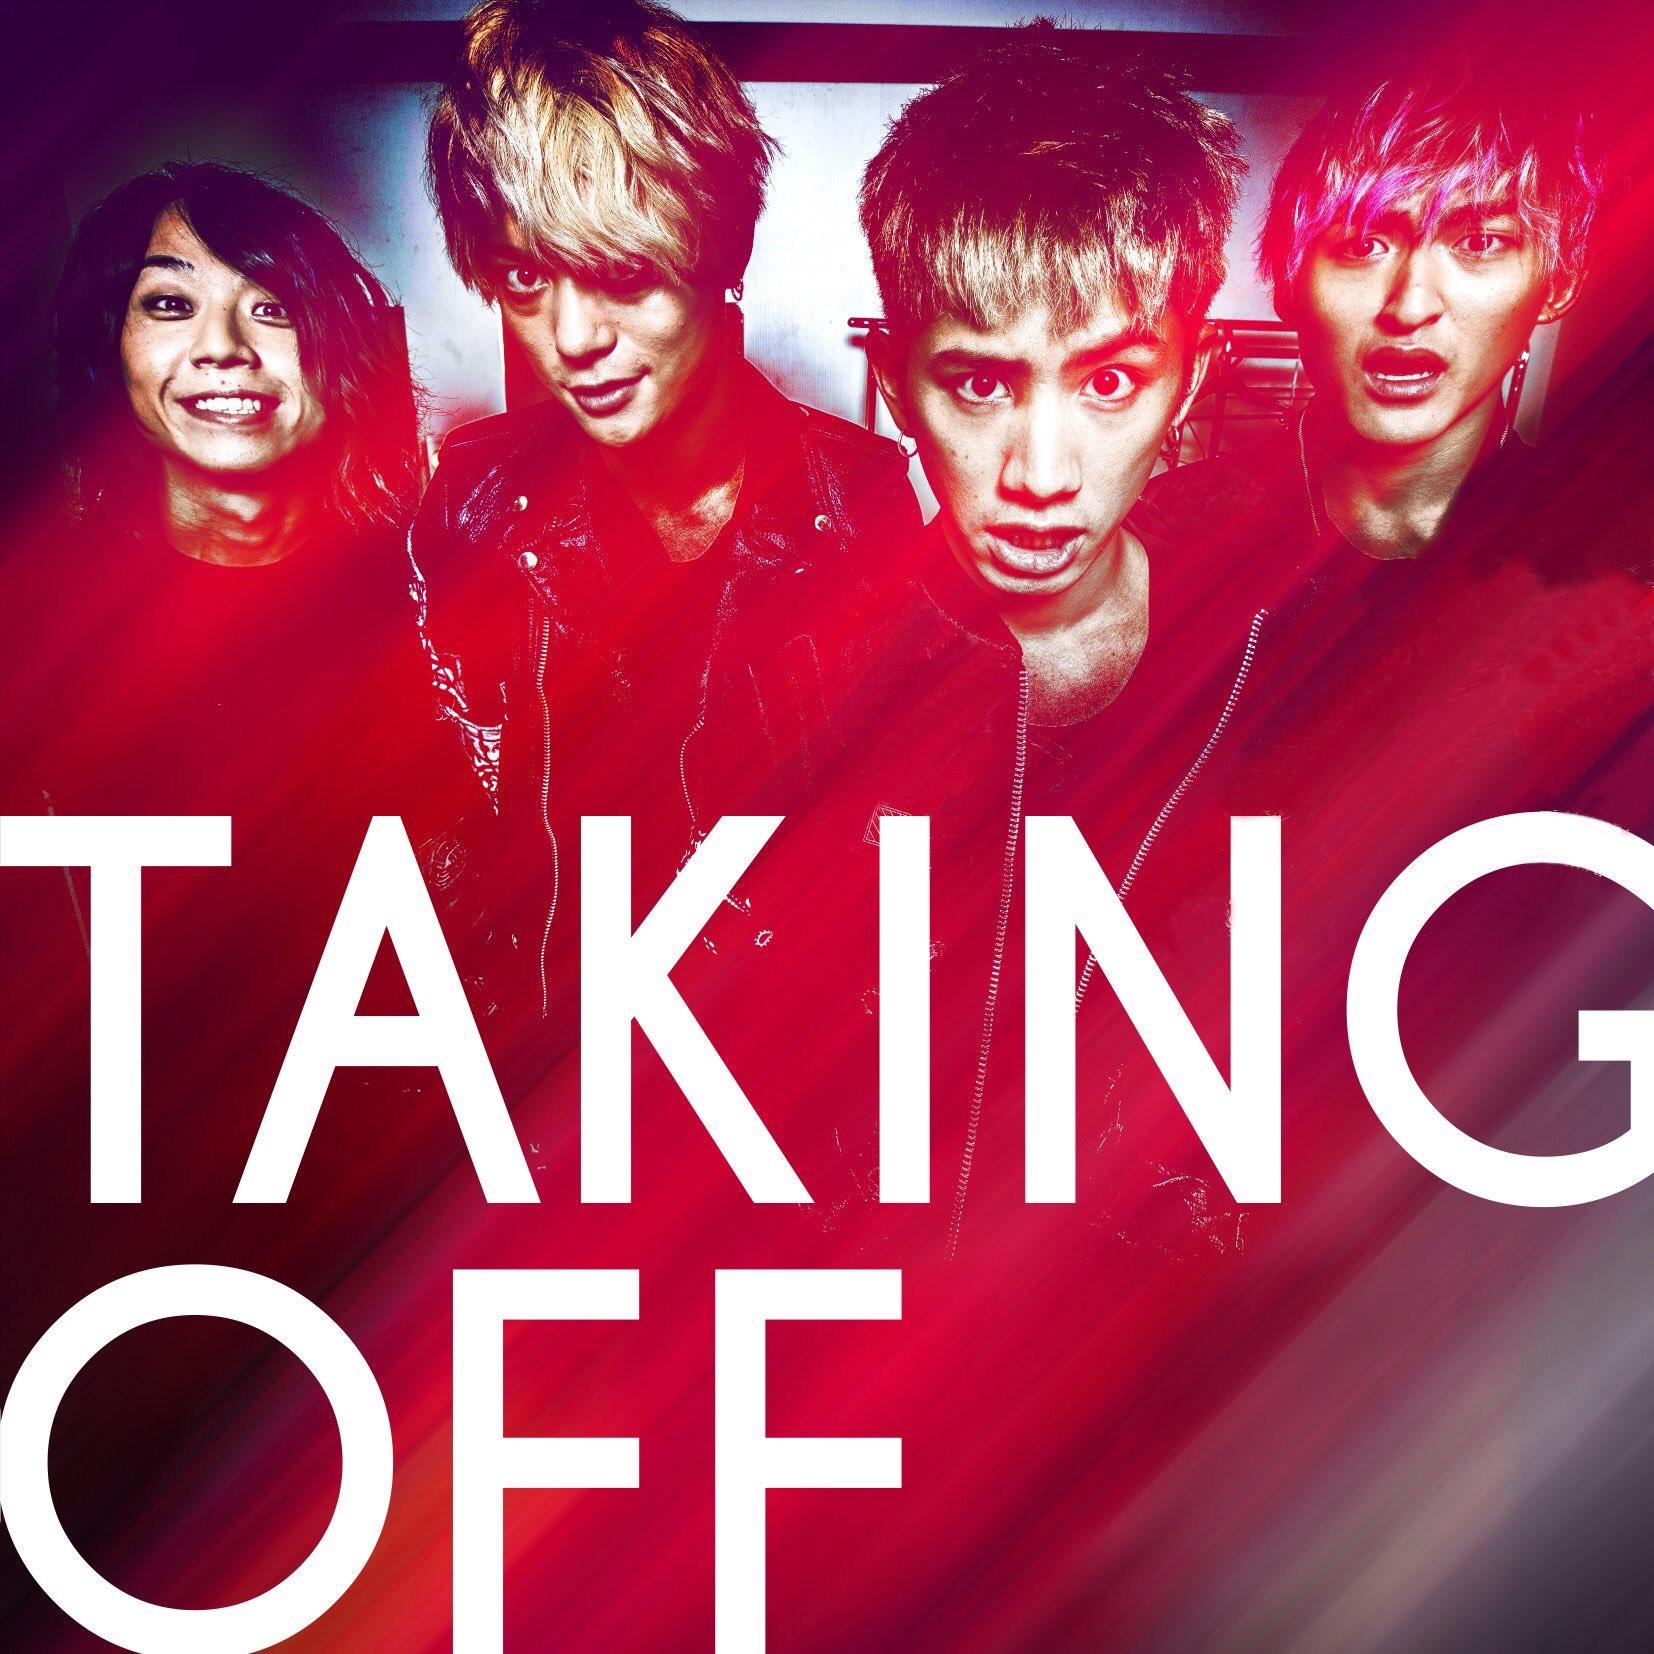 映画『ミュージアム』公式 on Twitter \u0026quot;\🖐主題歌配信中🐸/映画『ミュージアム』主題歌、ONE OK ROCK新曲「Taking Off」が、iTunes他サイトにて配信中💥👉